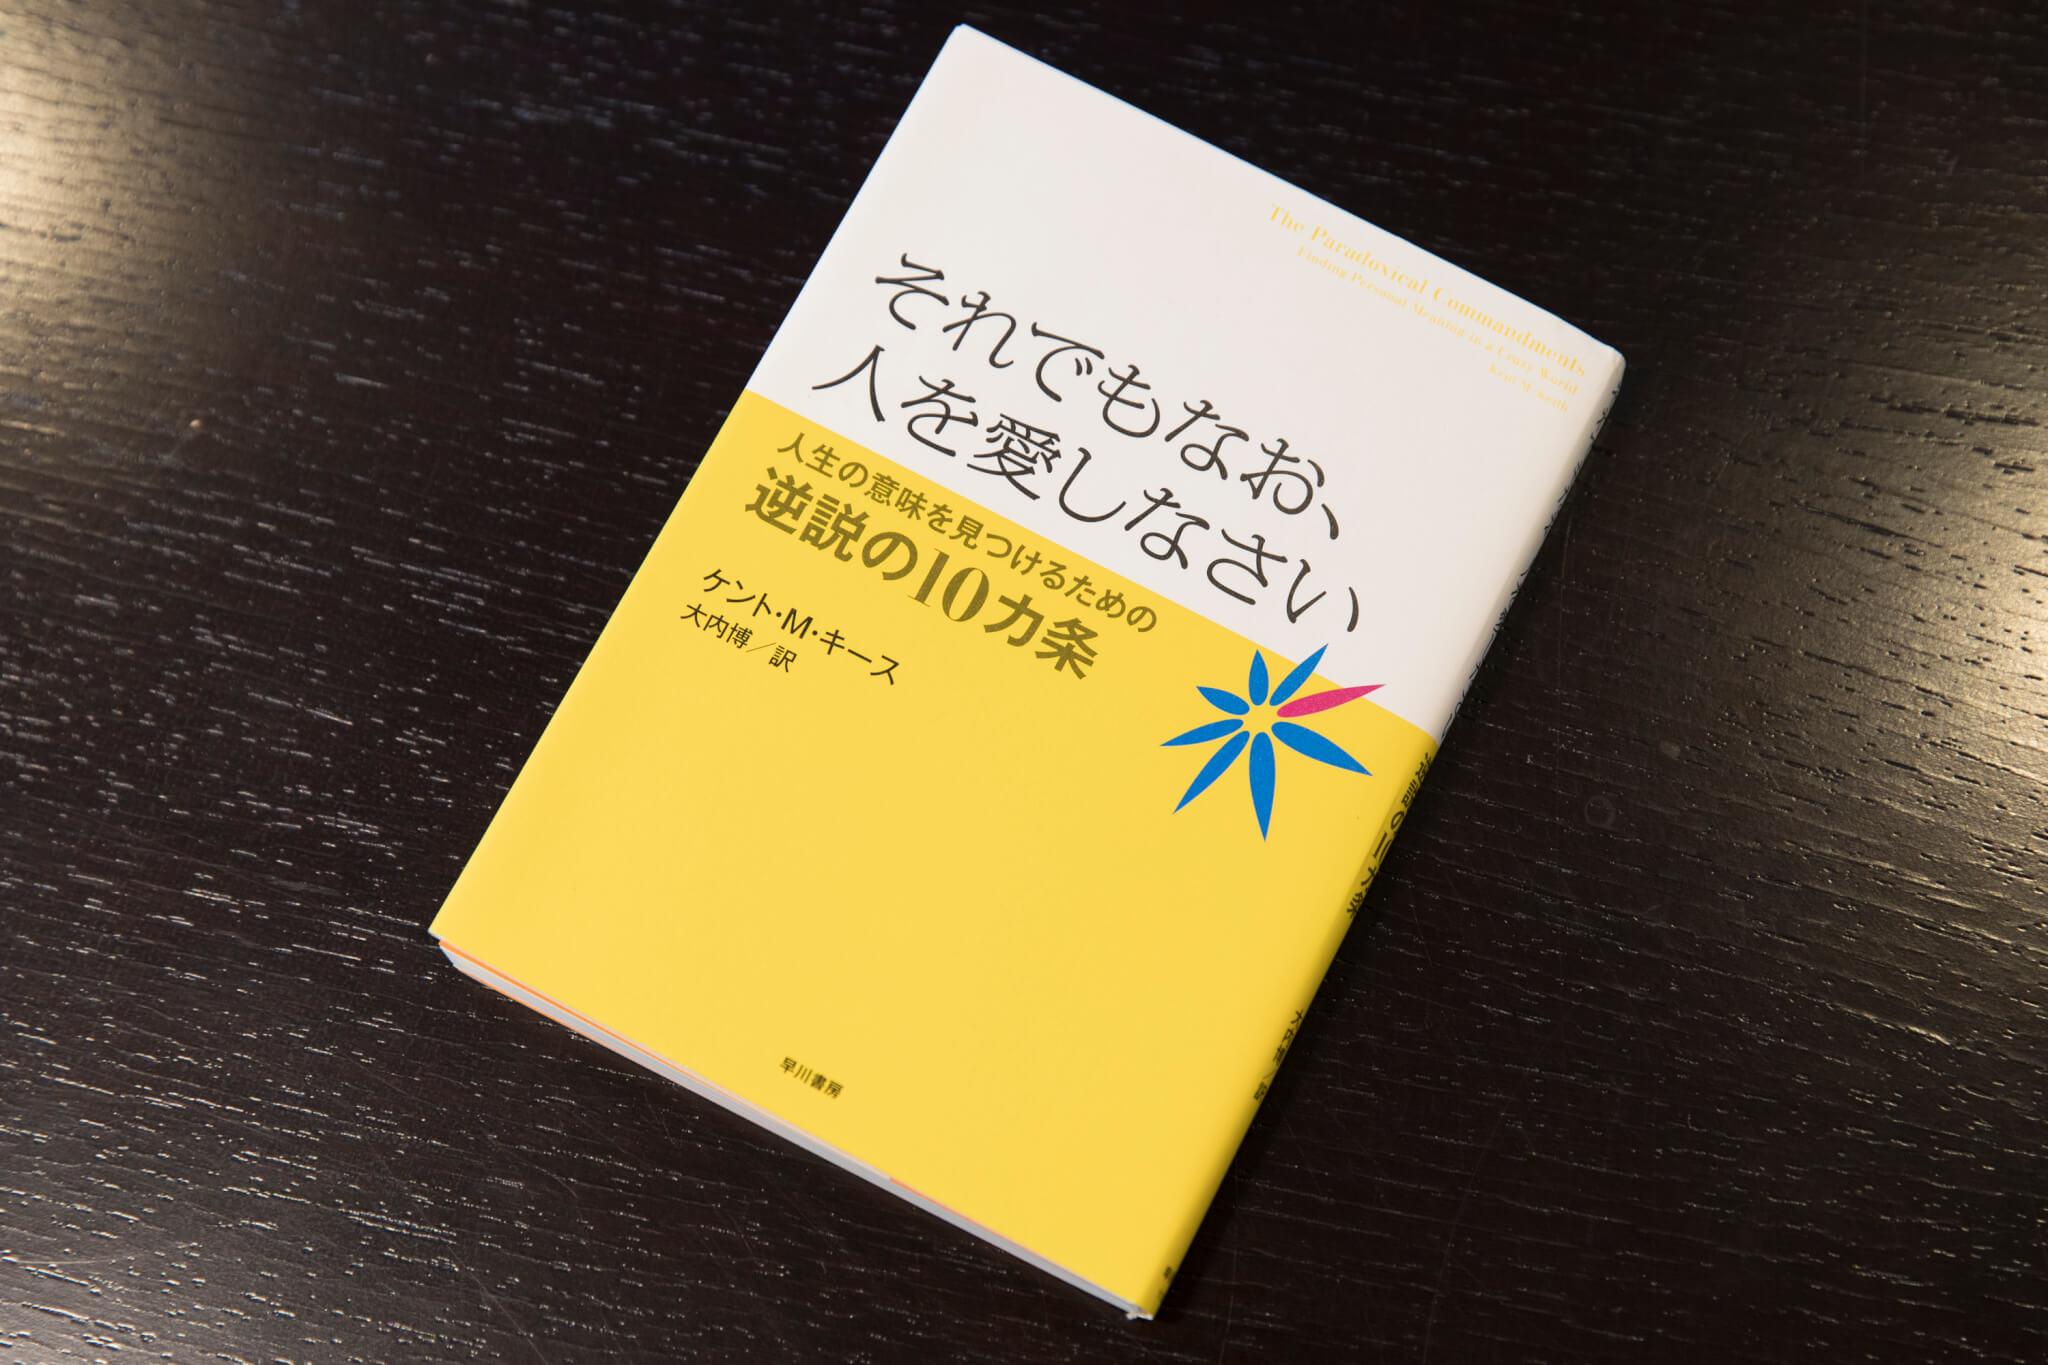 『それでもなお、人を愛しなさい―人生の意味を見つけるための逆説の10カ条(早川書店/ケント・M・キース)』